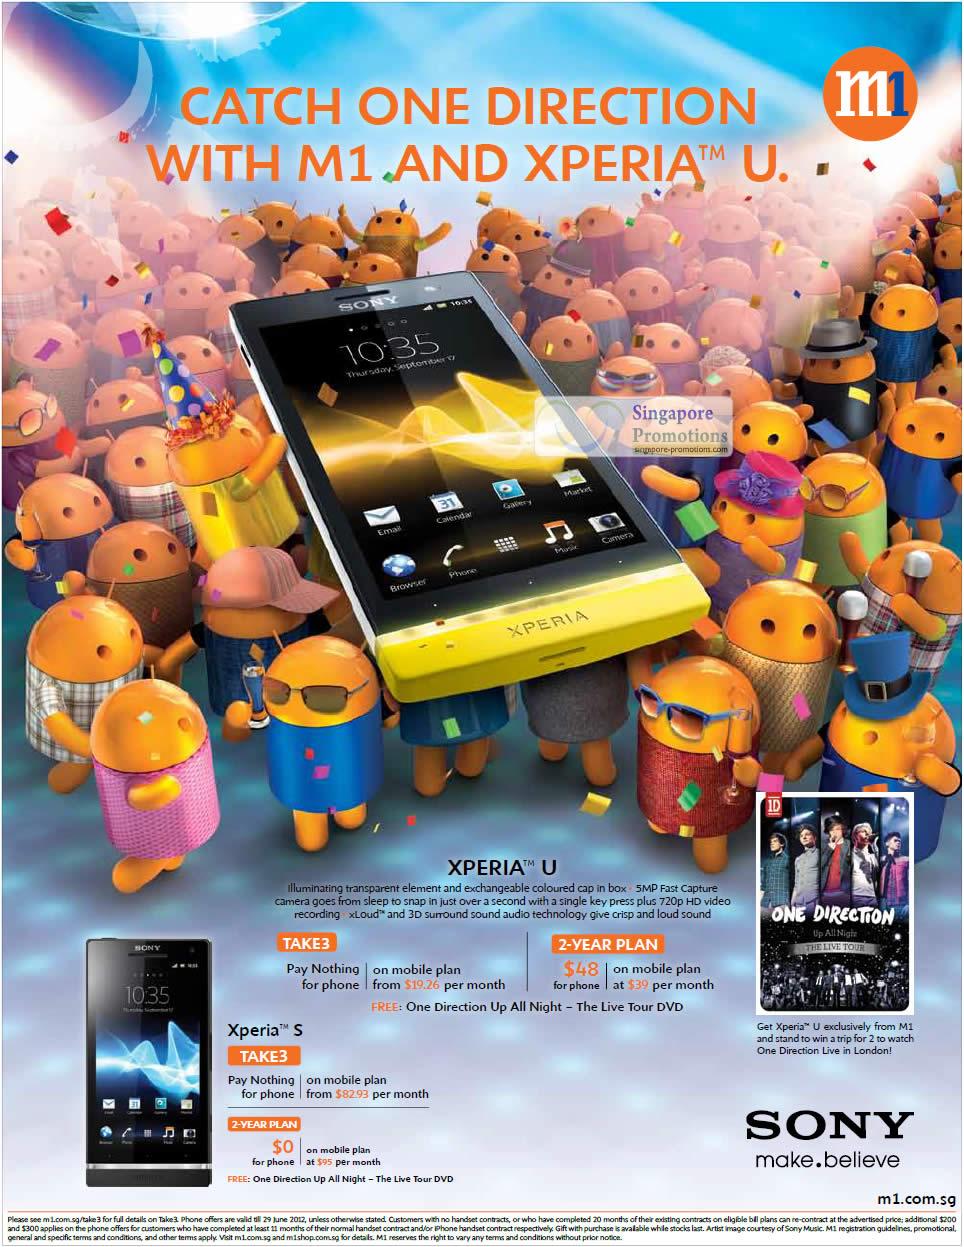 Sony Xperia U, Sony Xperia S